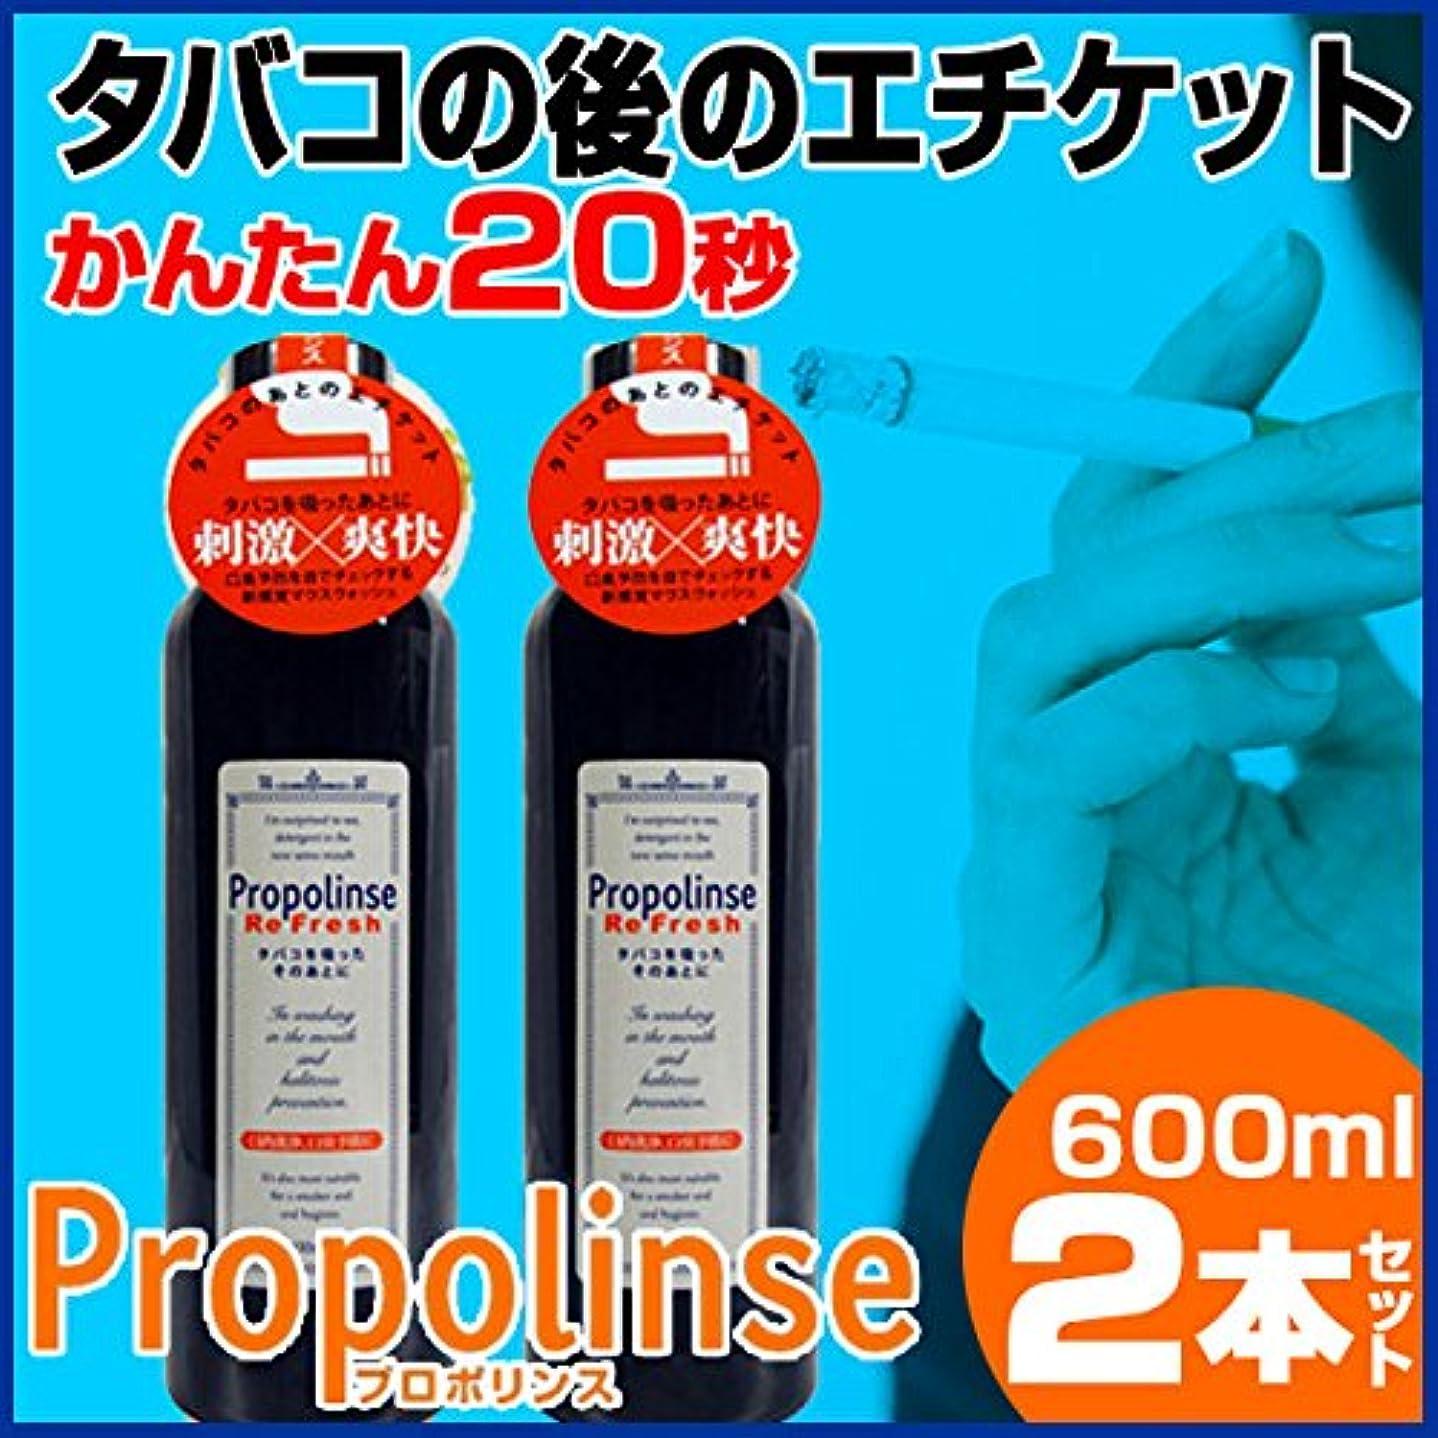 高音自伝寝るプロポリンス リフレッシュ600ml【まとめ買い2個セット】